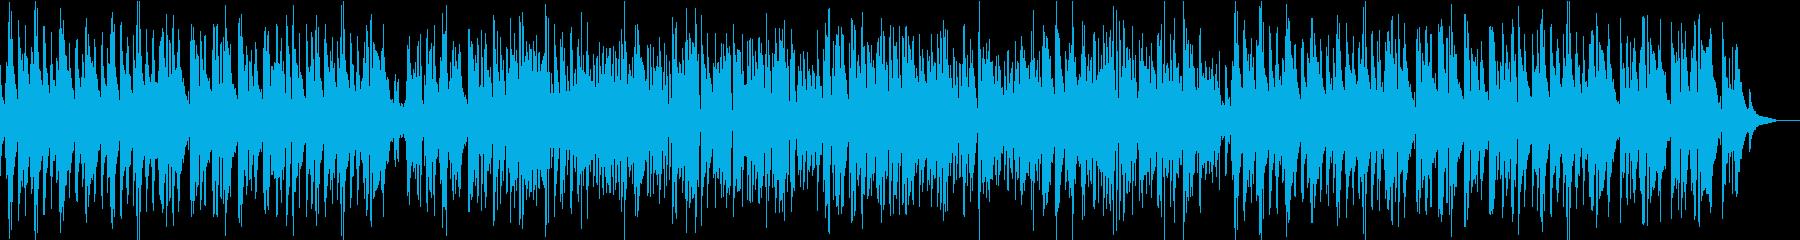 ほのぼのした雰囲気のアップテンポジャズの再生済みの波形